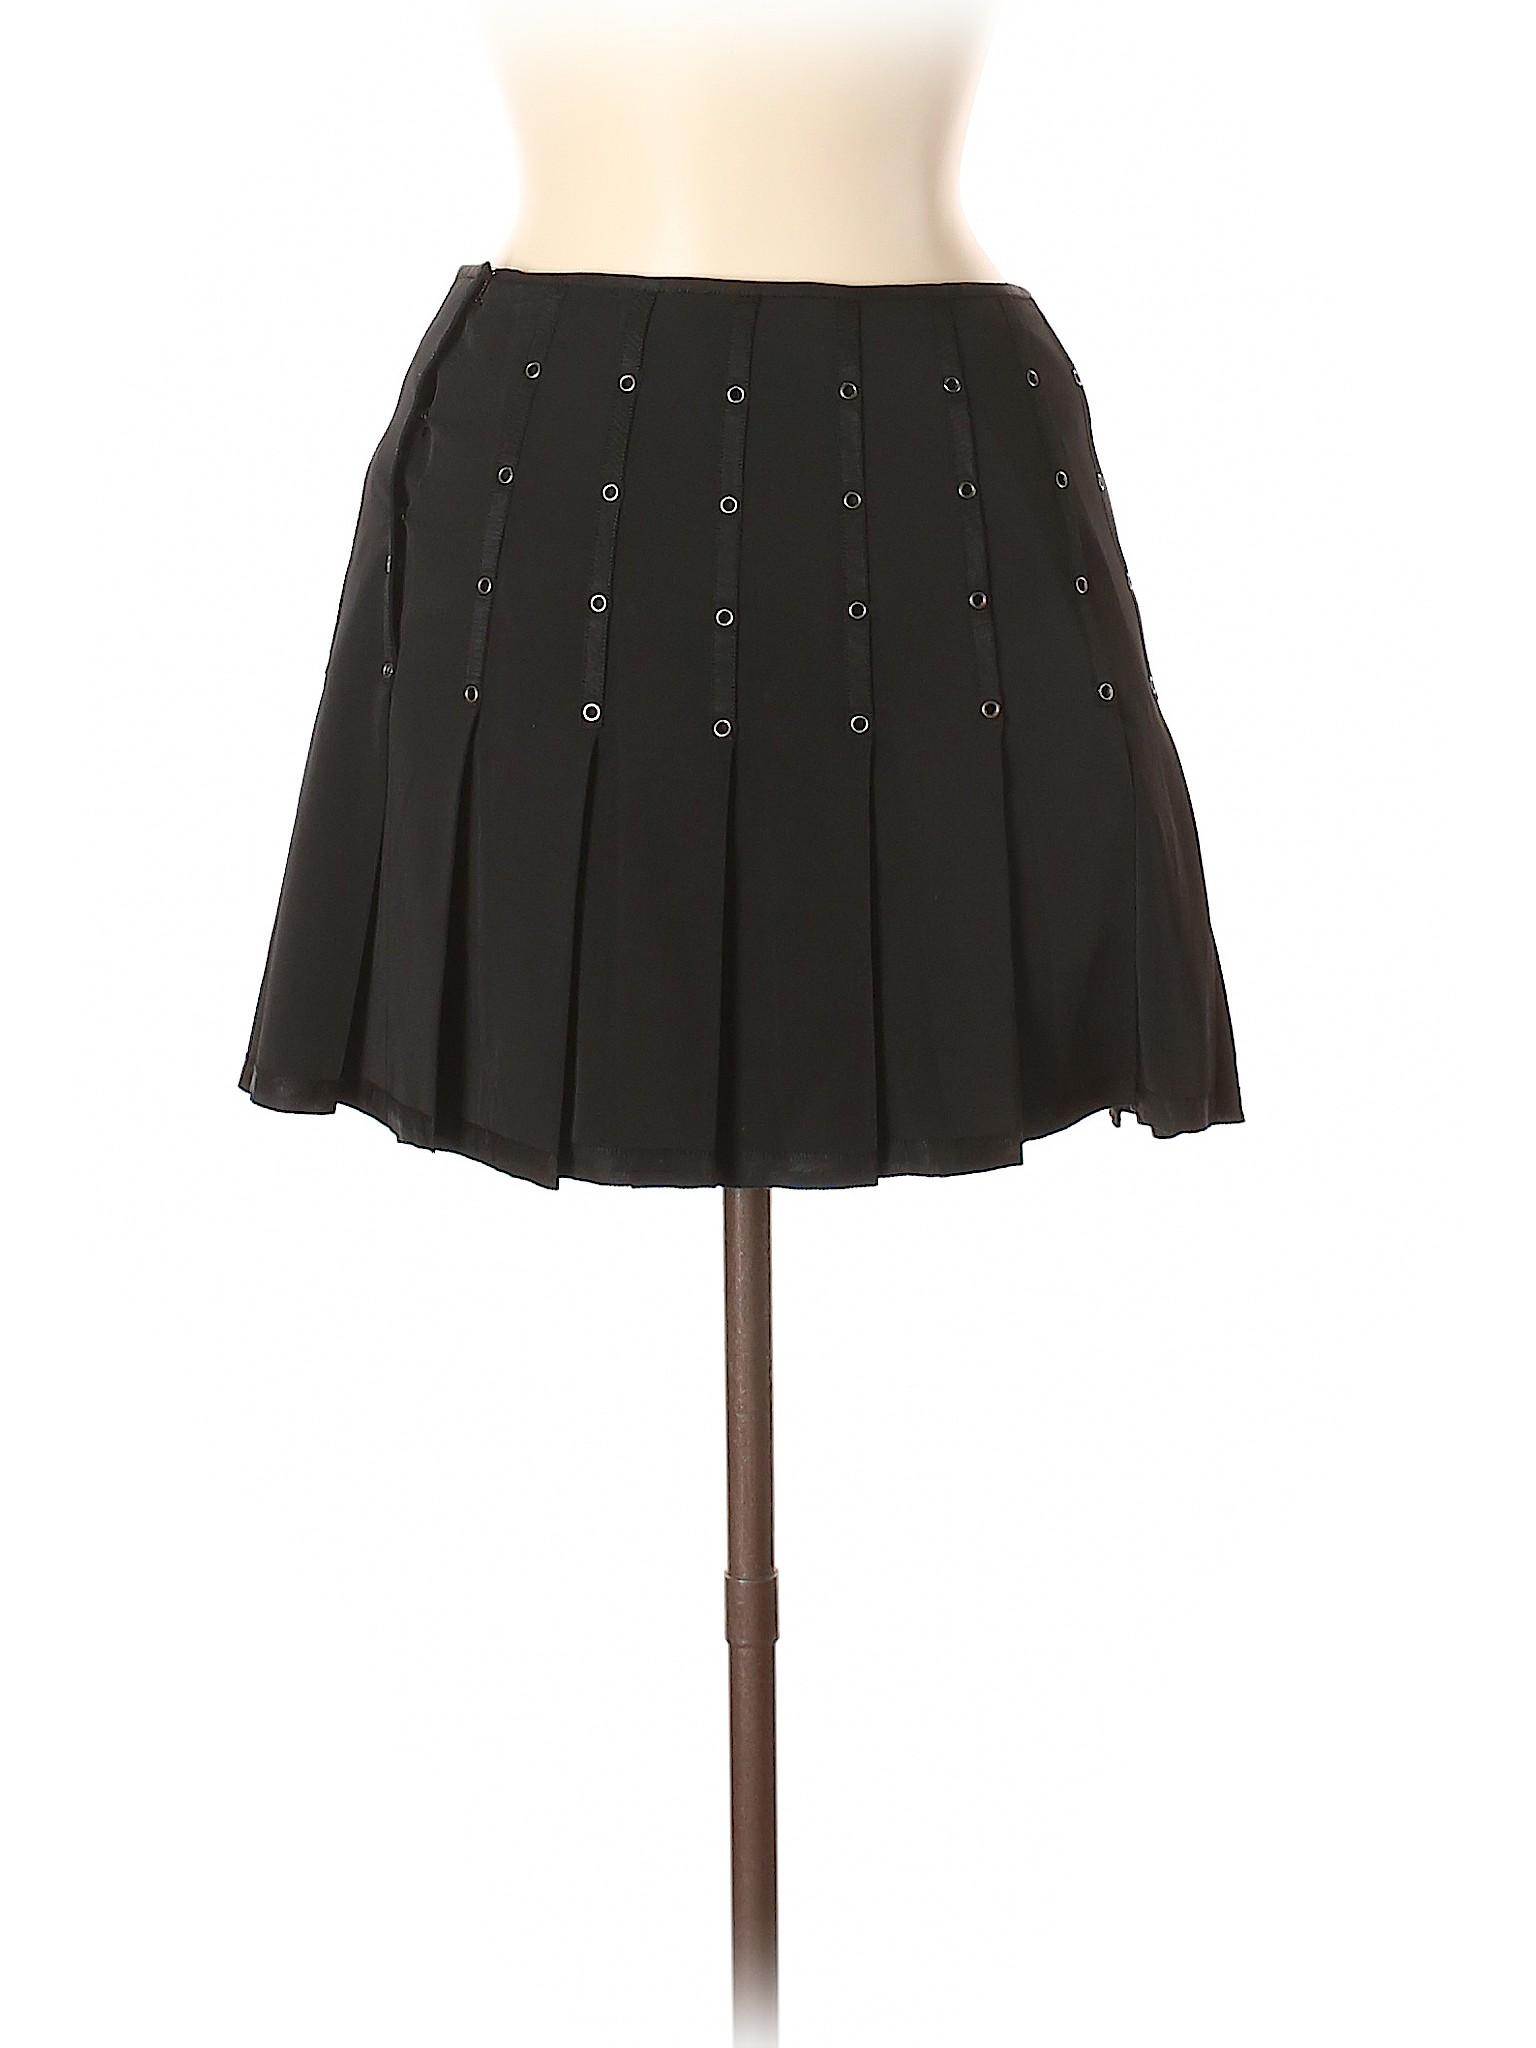 Skirt Boutique Skirt Boutique Boutique Skirt Casual Casual Boutique Casual 48xpvwqX6